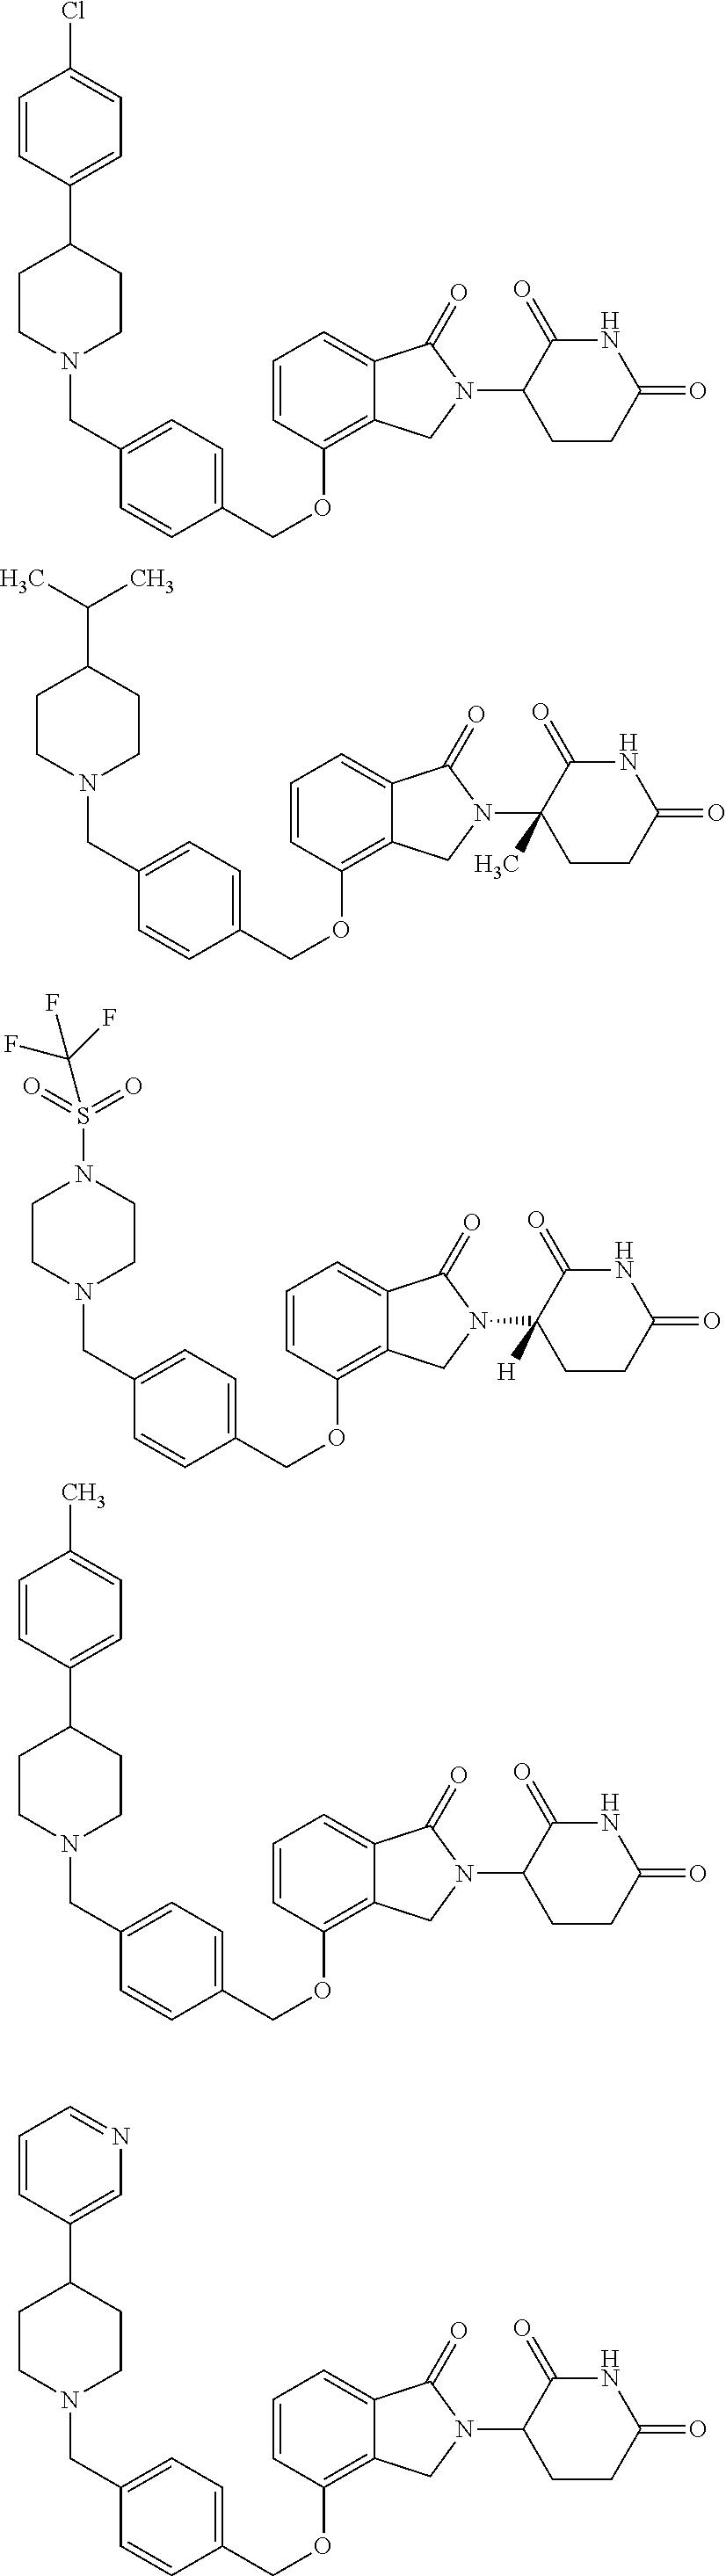 Figure US09822094-20171121-C00045